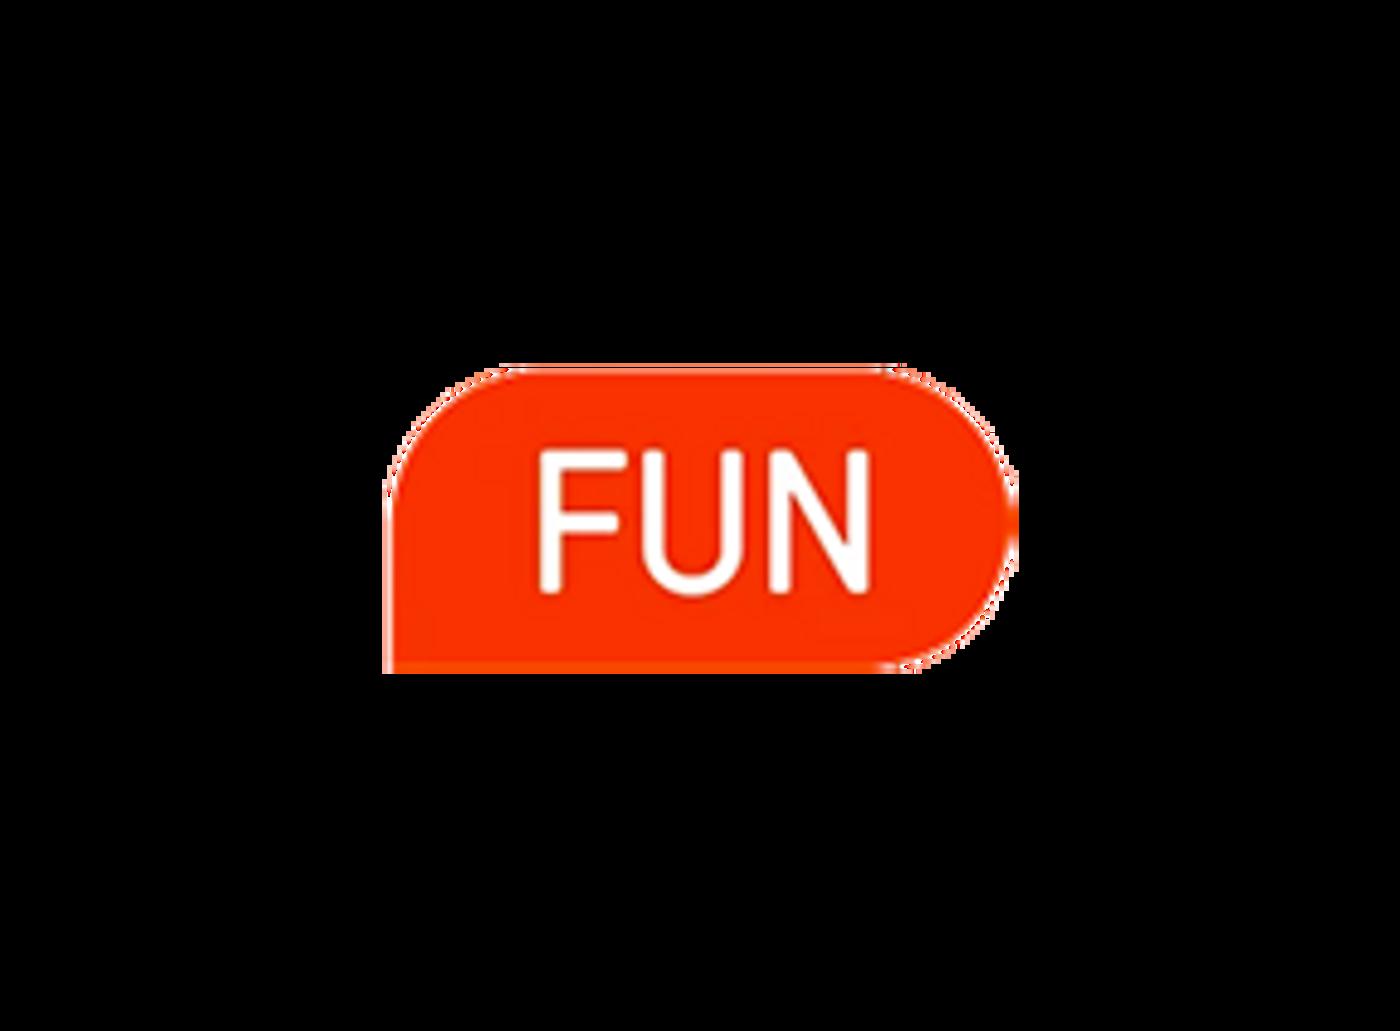 Logo_Ribbon_Mitele_288x212_fun